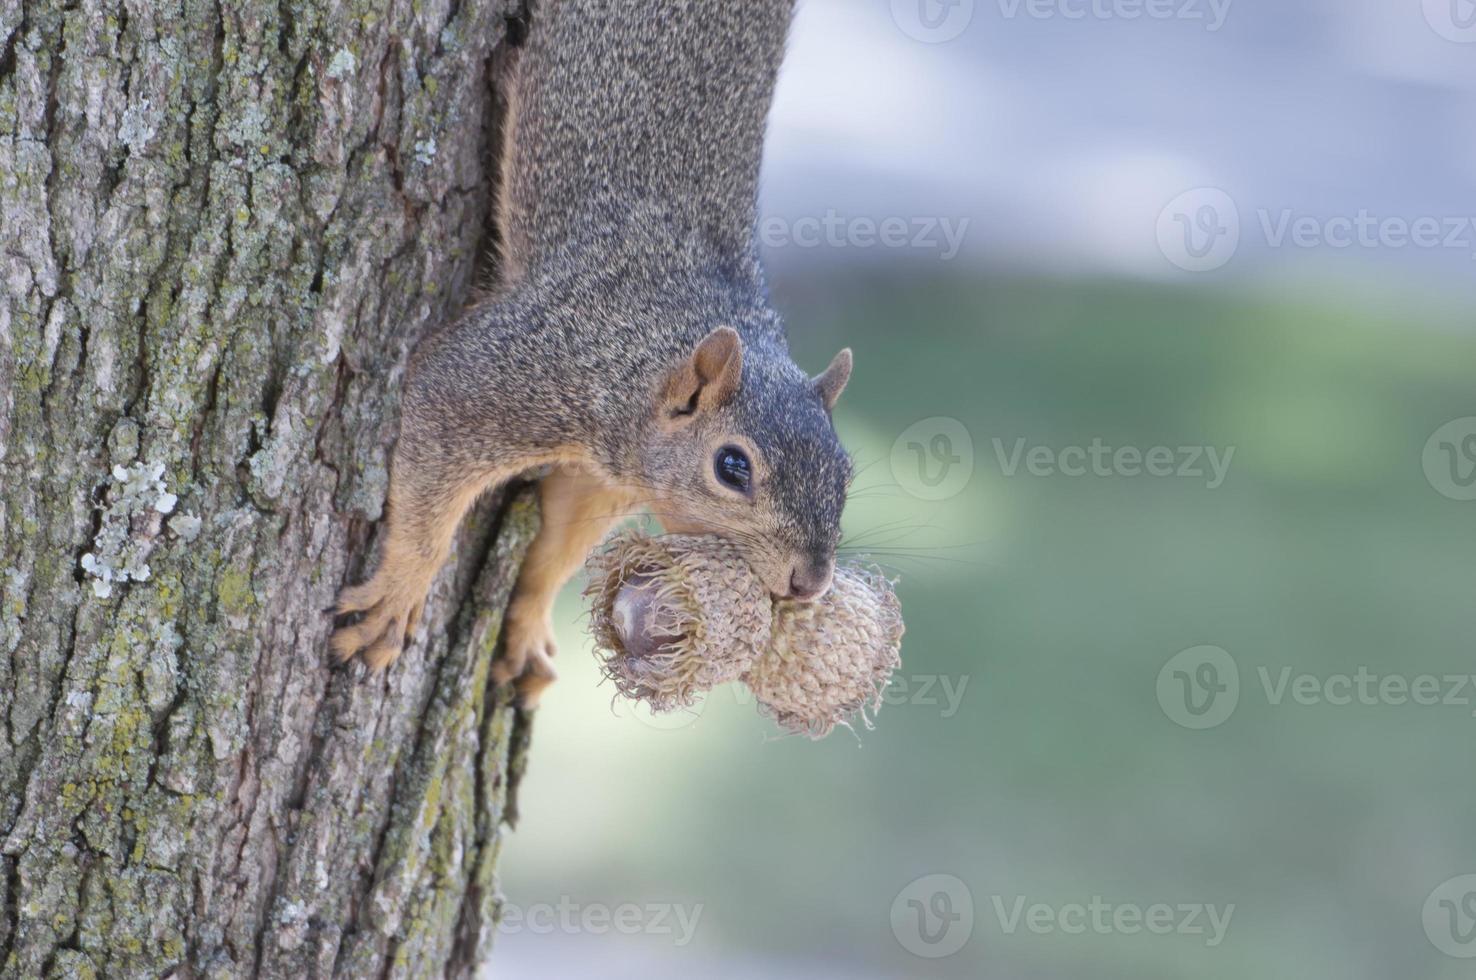 Greedy Squirrel photo